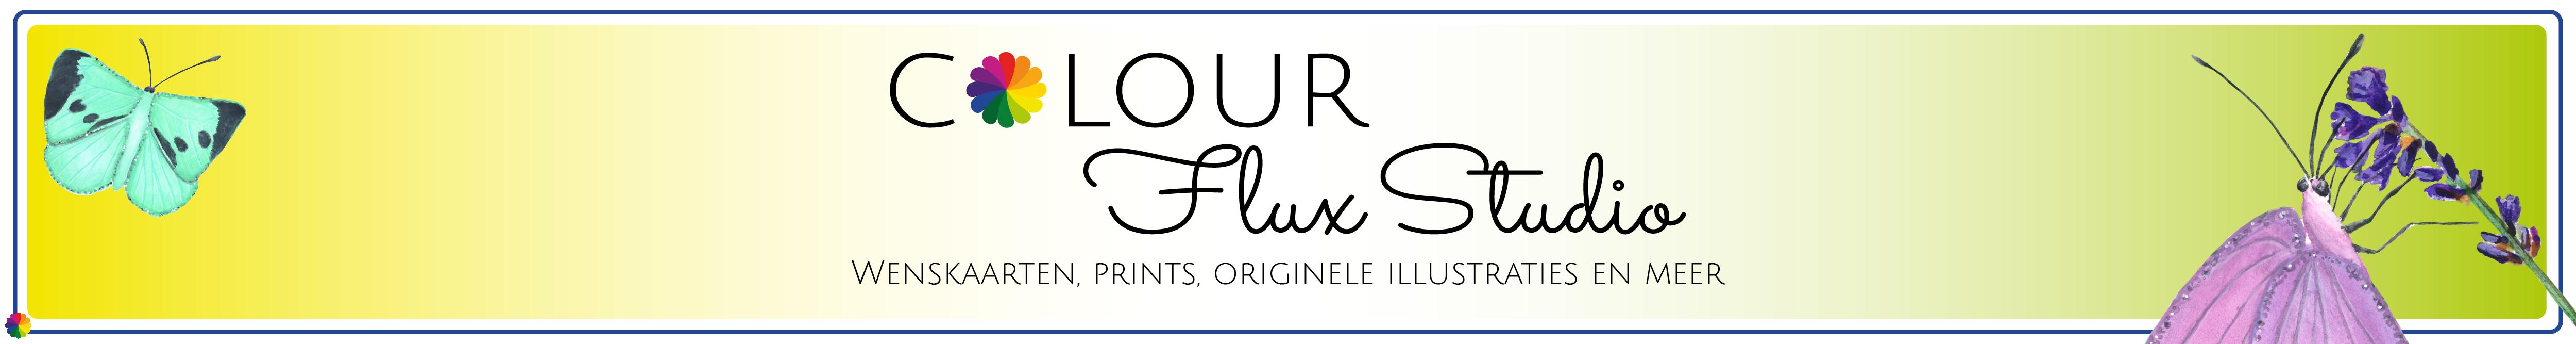 Banner Etsy shop ColourFlux Studio